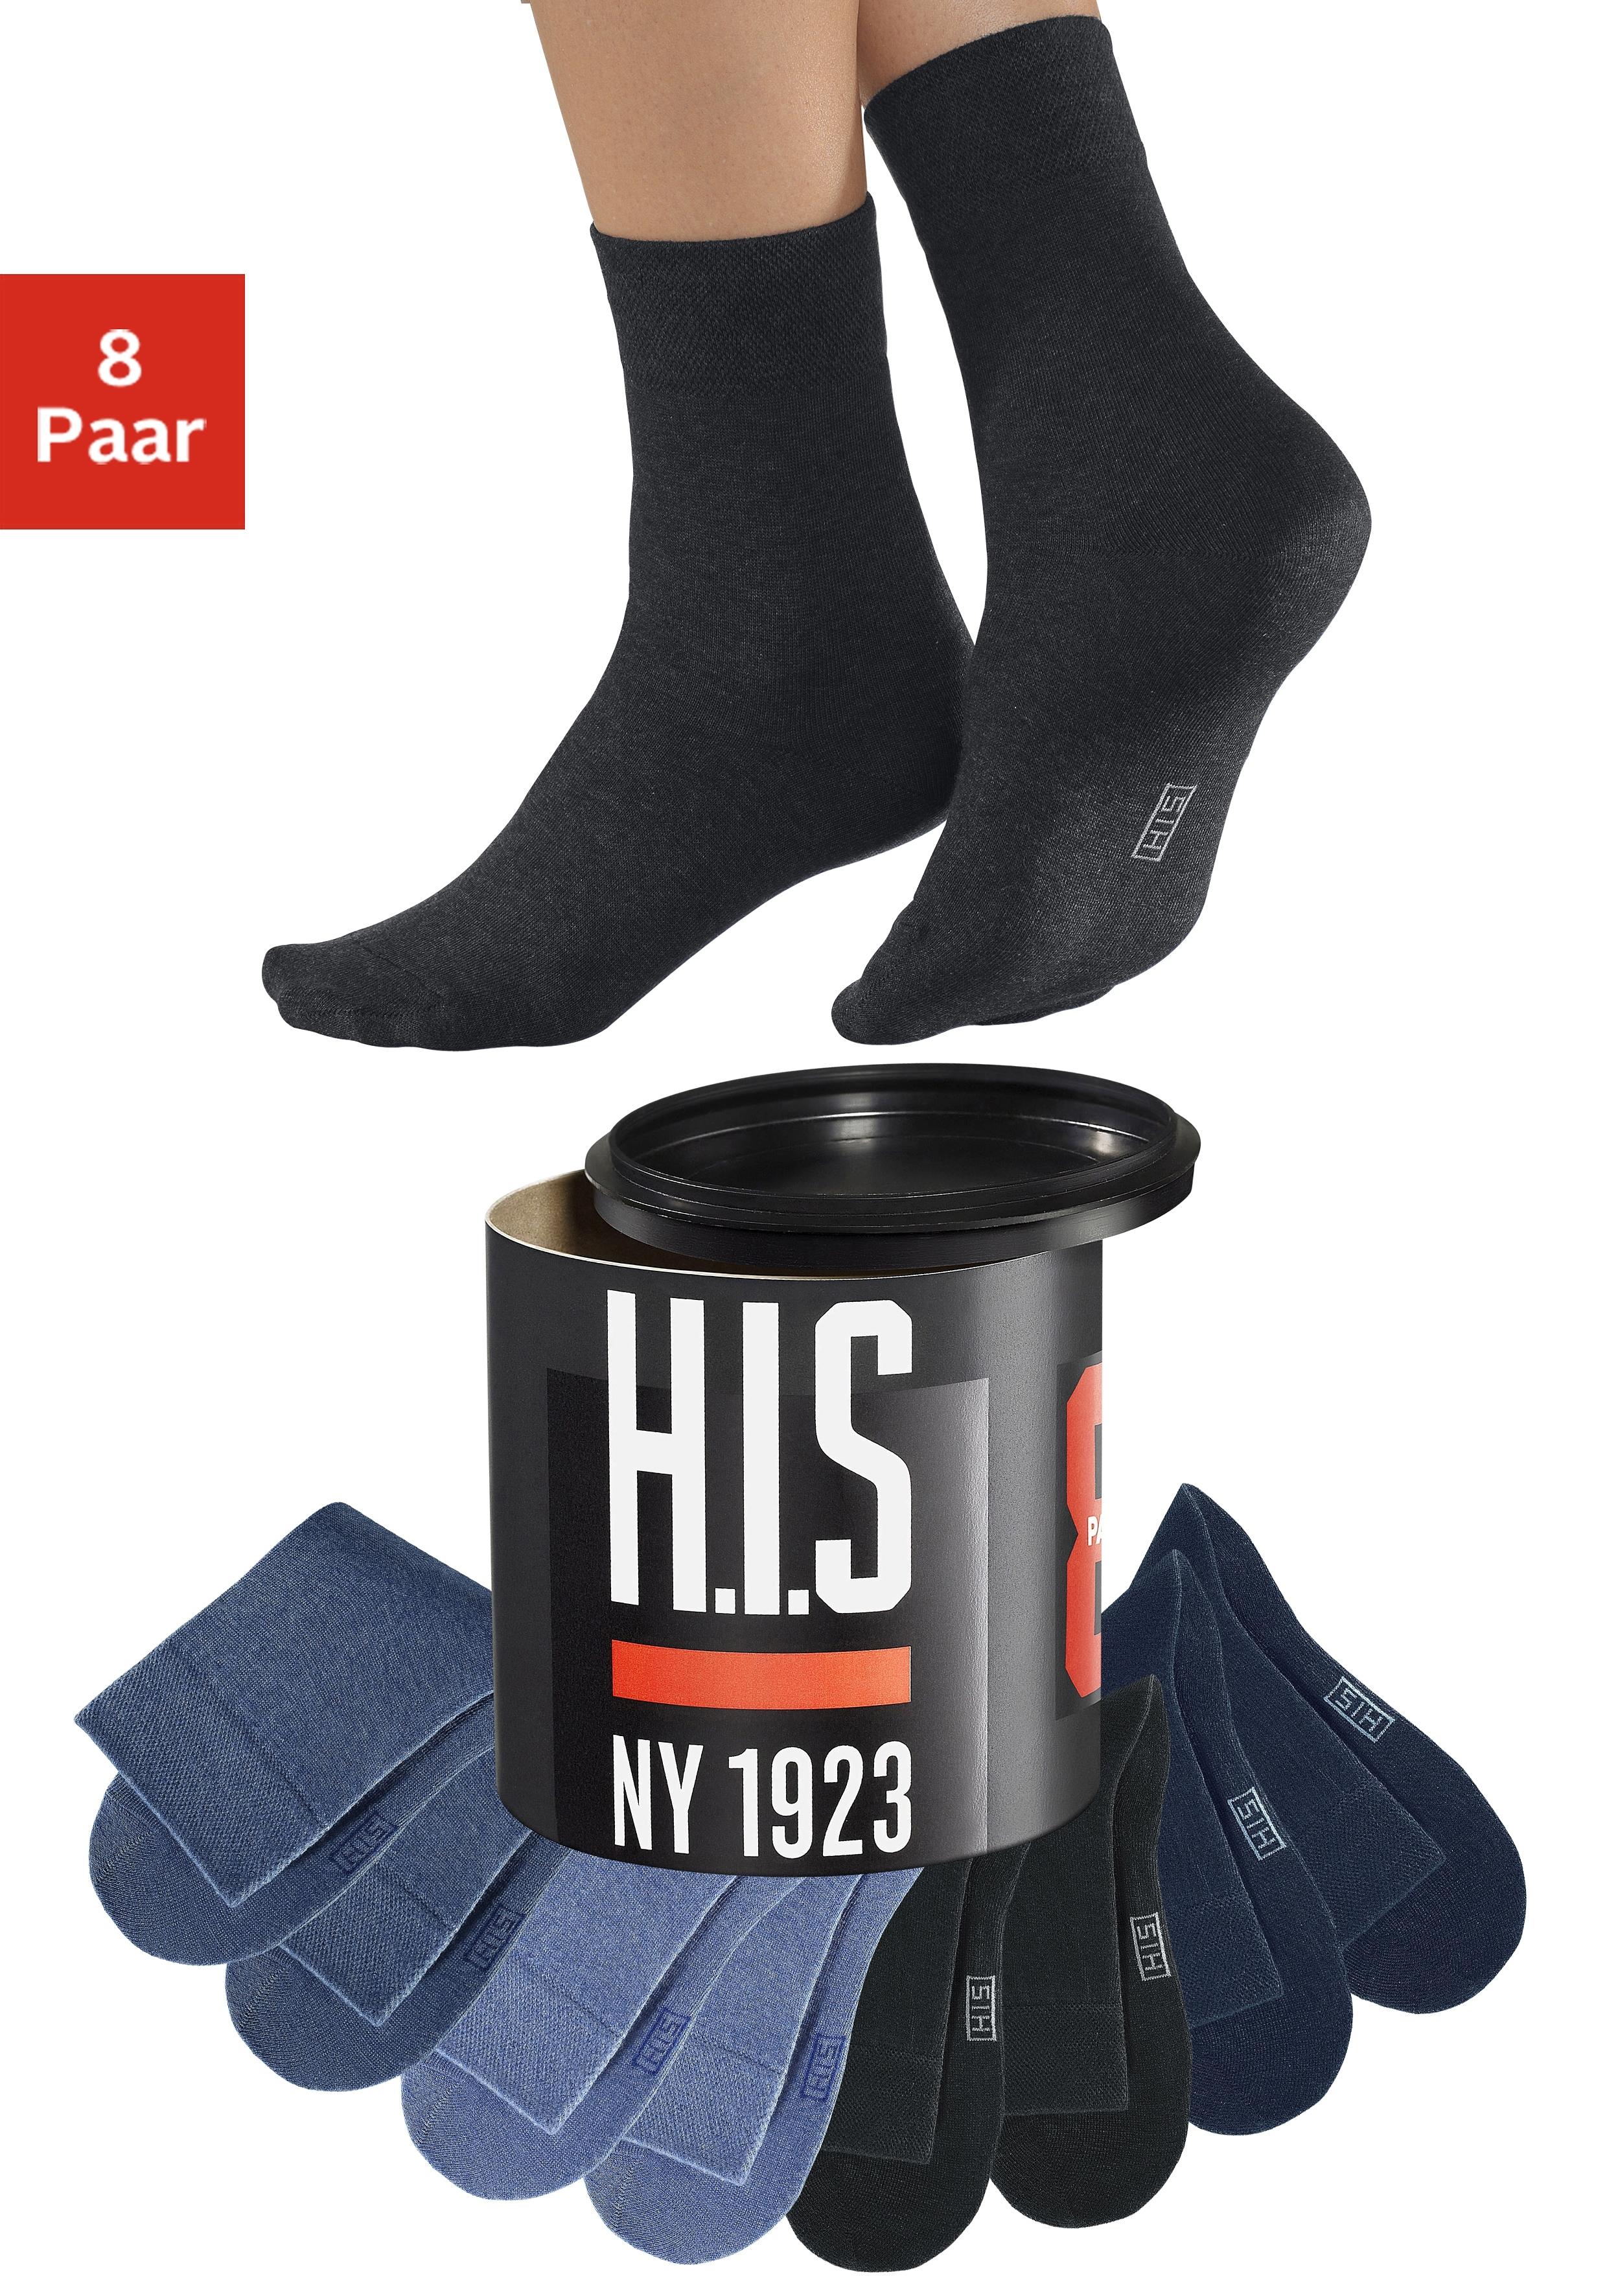 PaarBestel Sokken i H Bij Nu 8 Hemamp; Haar Van s Voor Set CxhQdtsr